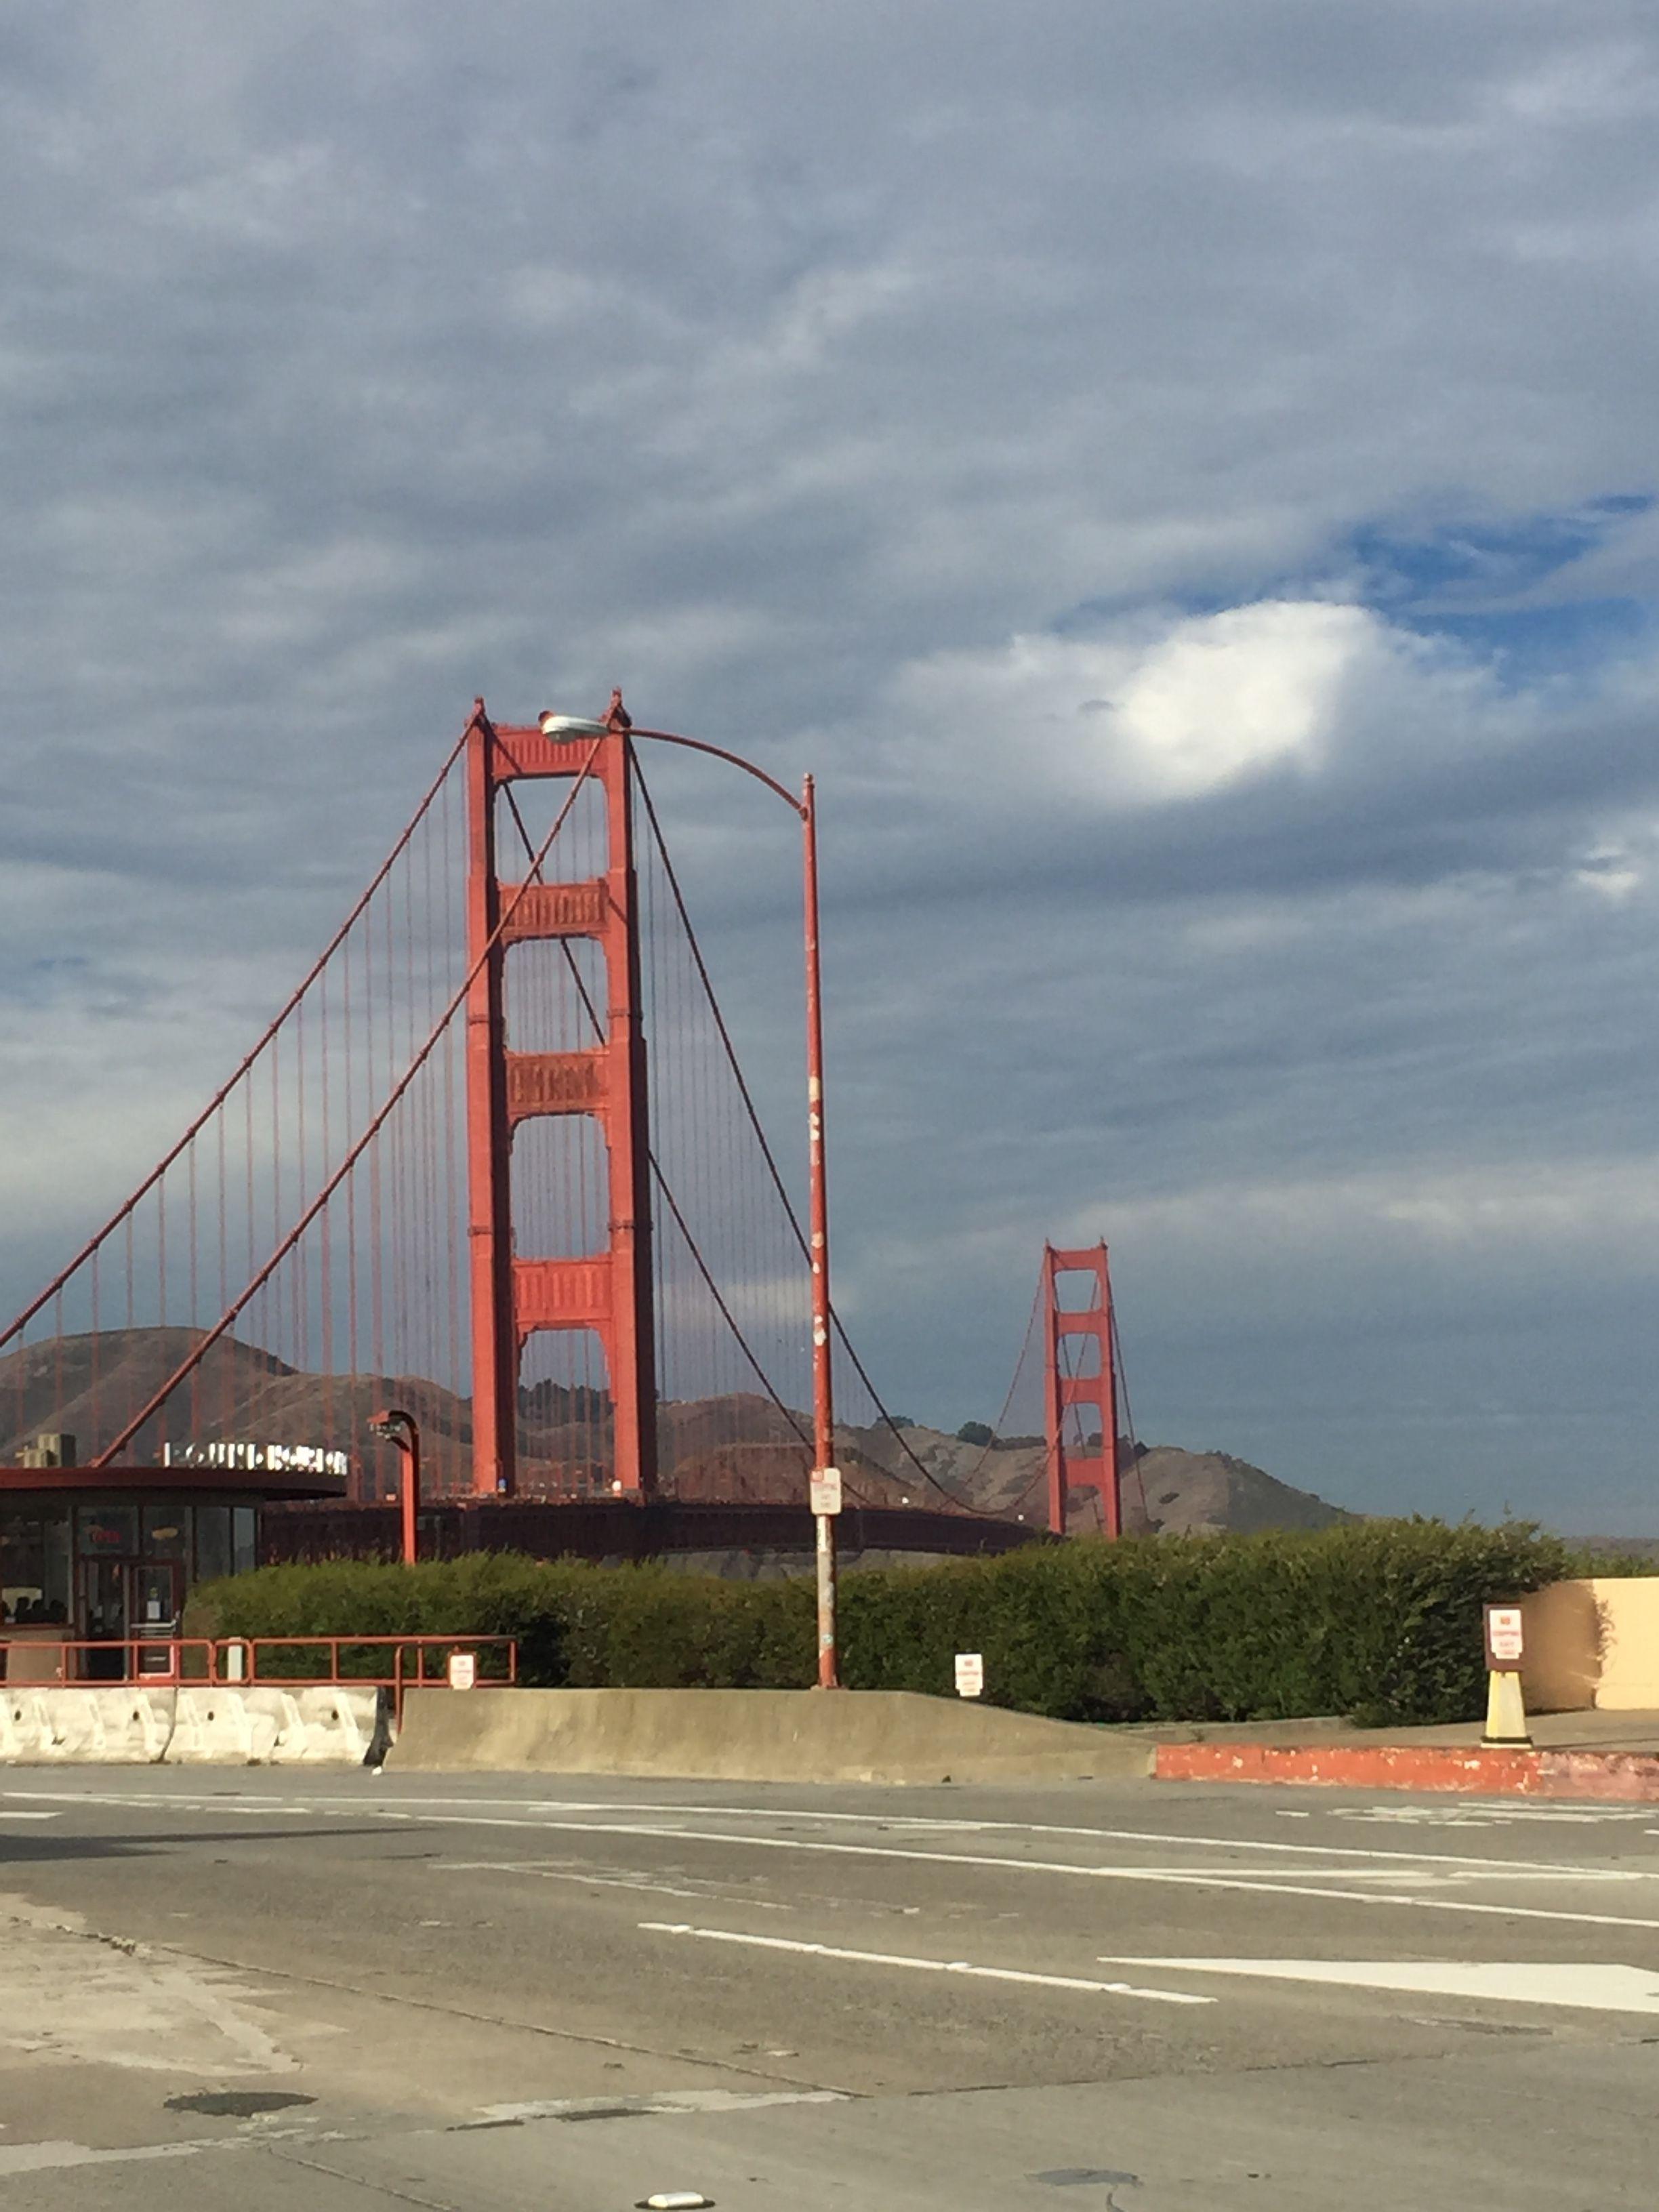 Golden gate bridge The Golden Gate Bridge